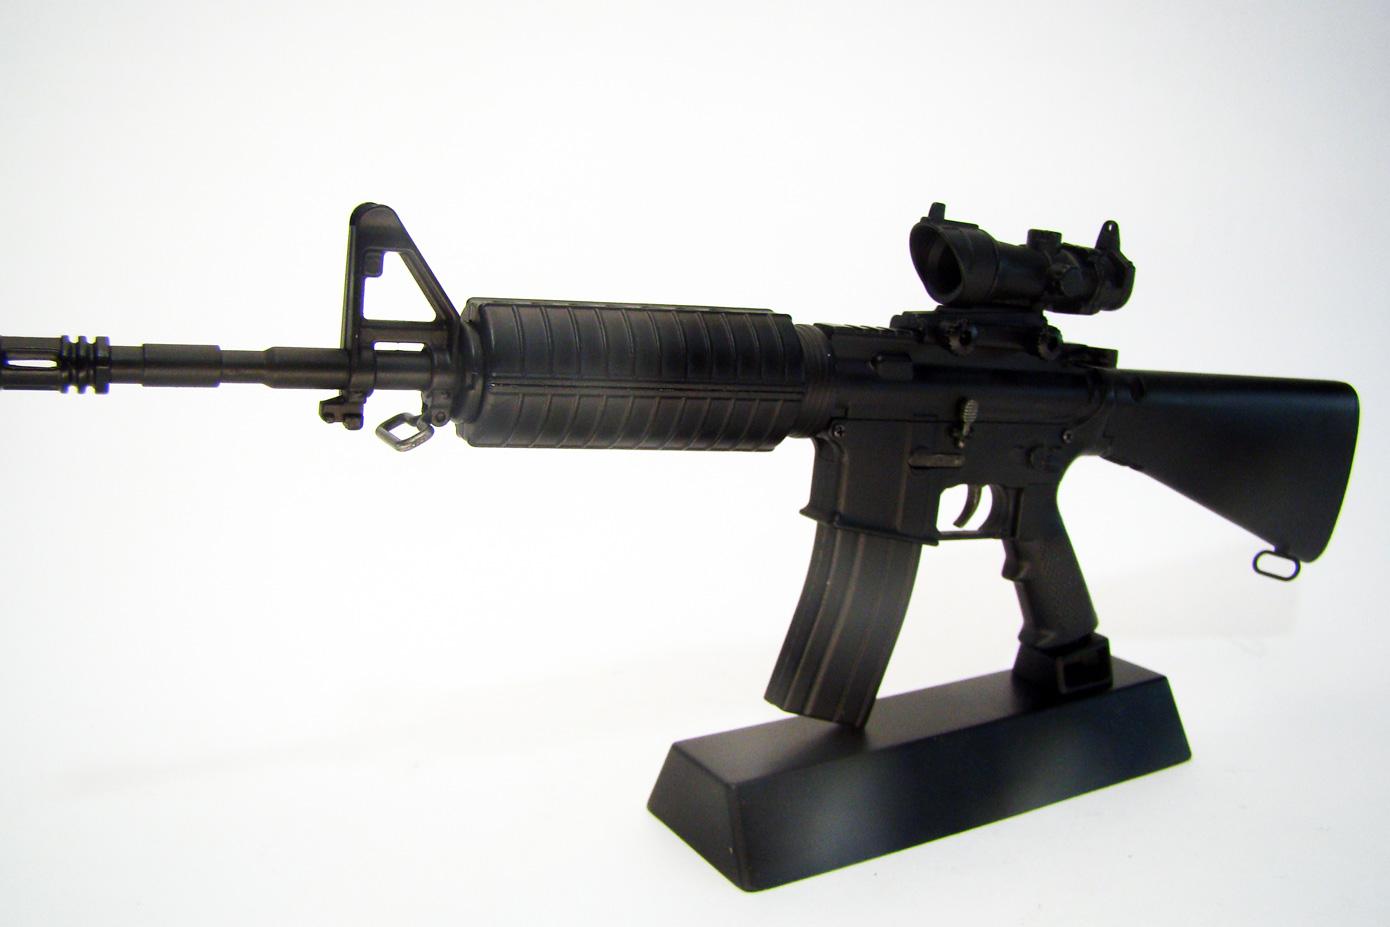 Colt AR15 изображение 3